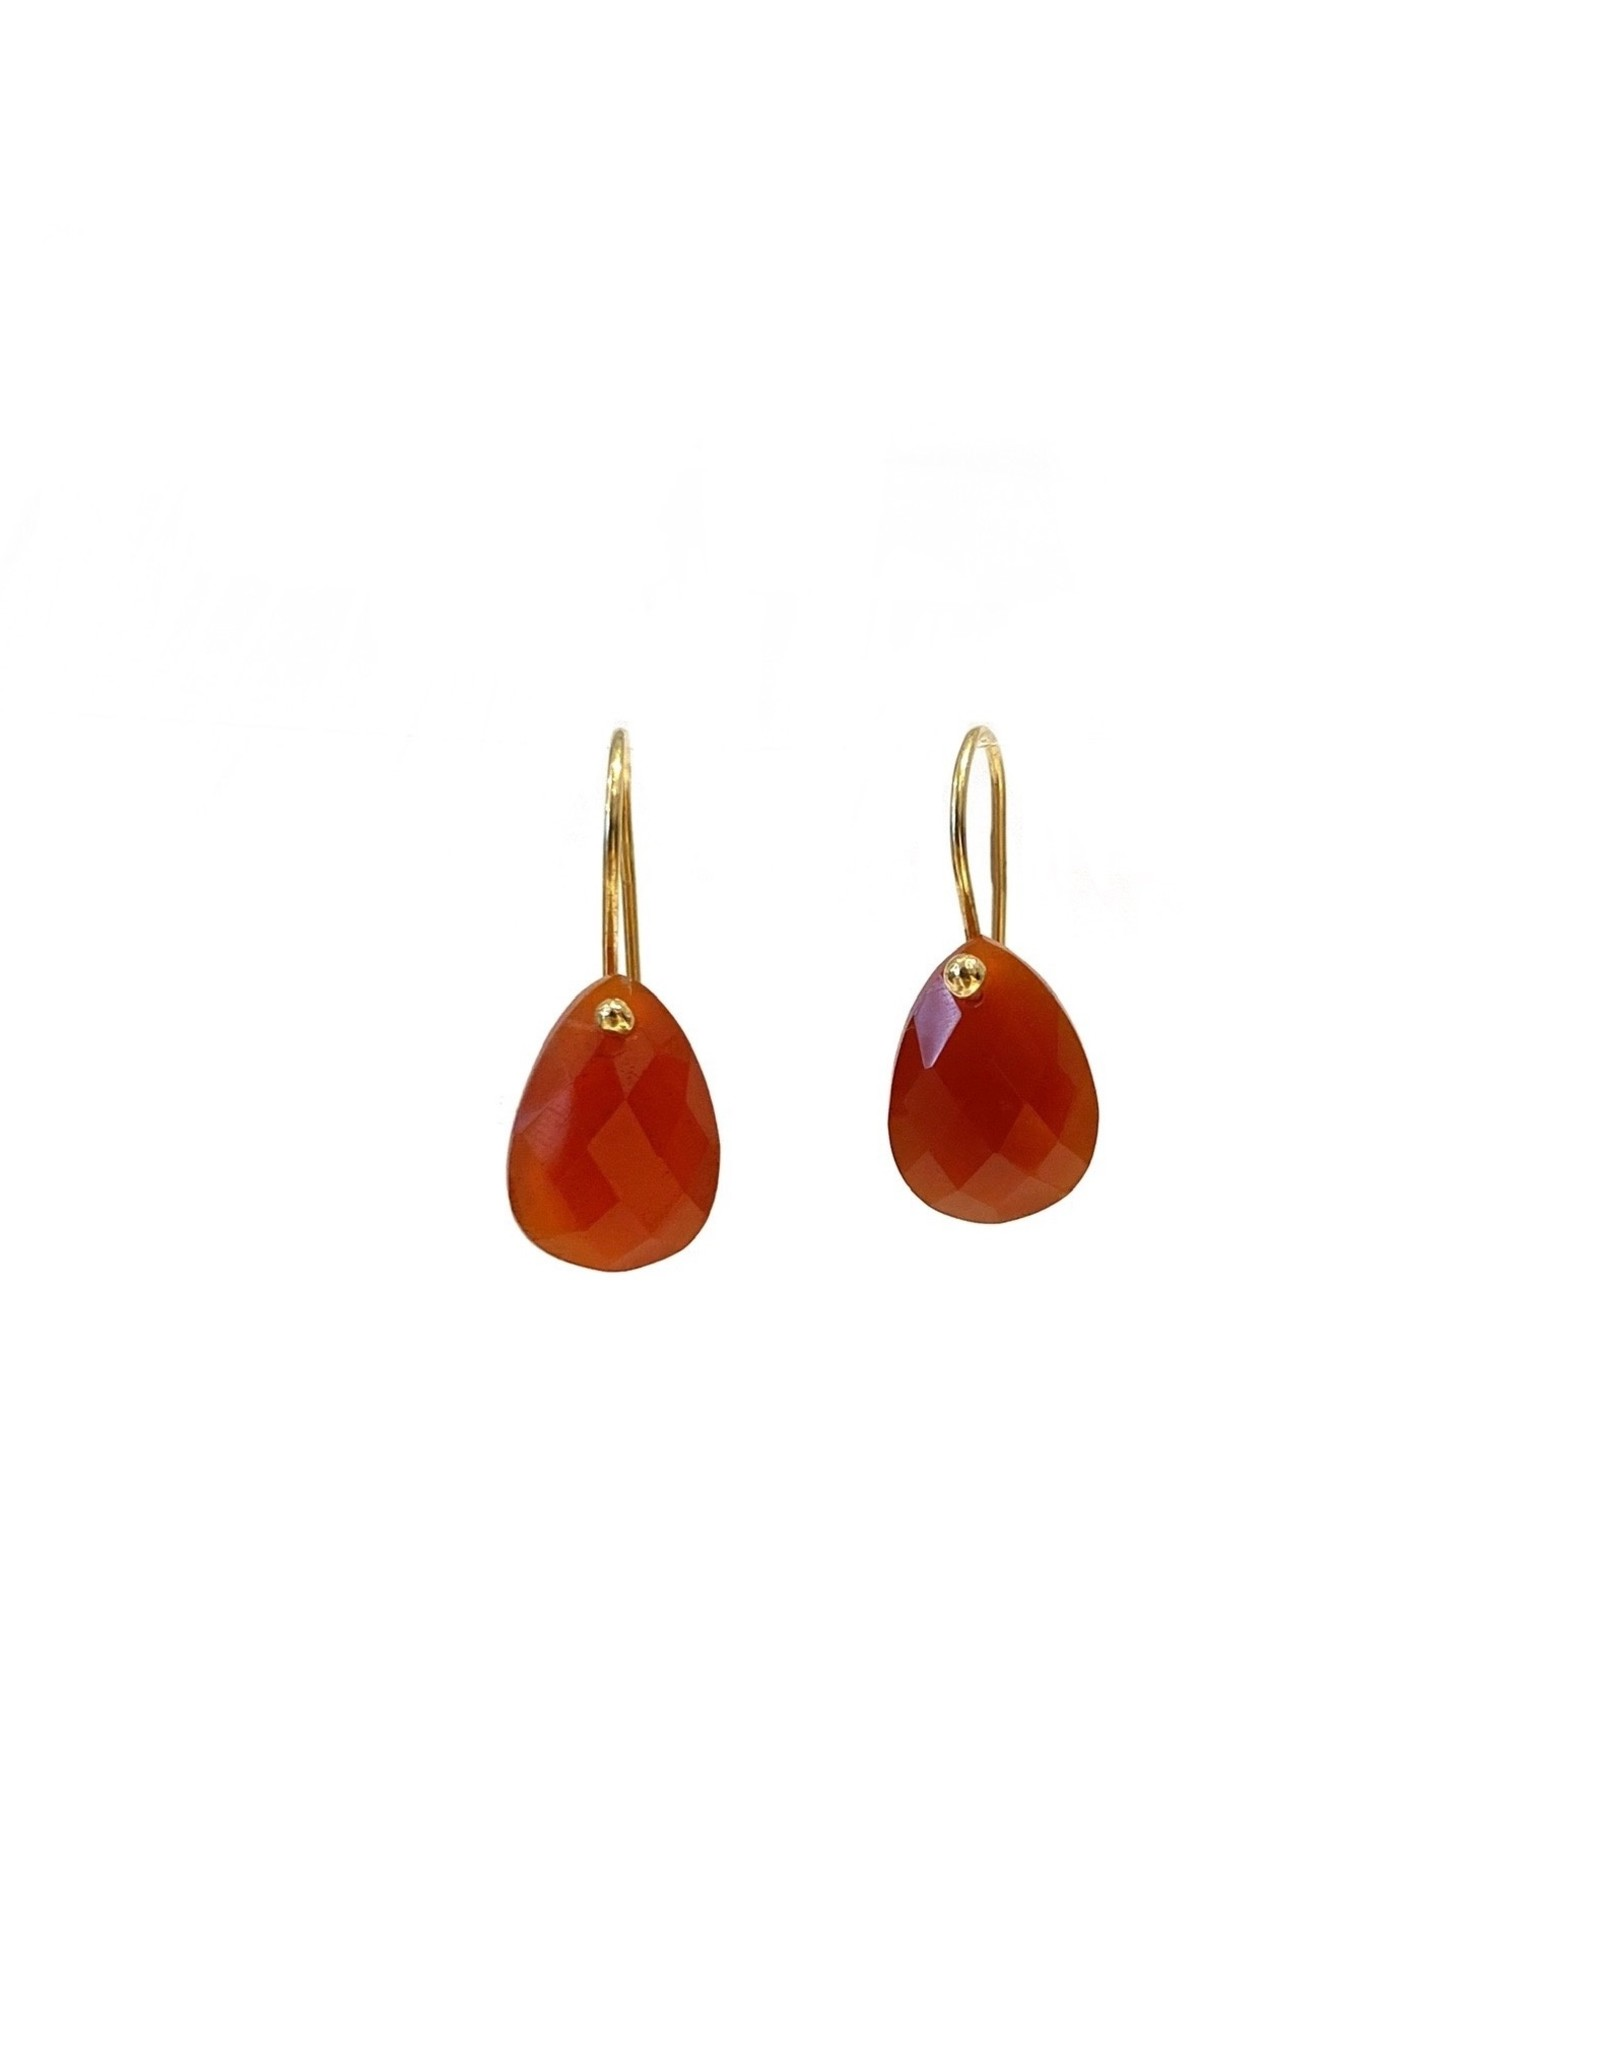 Bo Gold Earrings - Gold - Carnelian